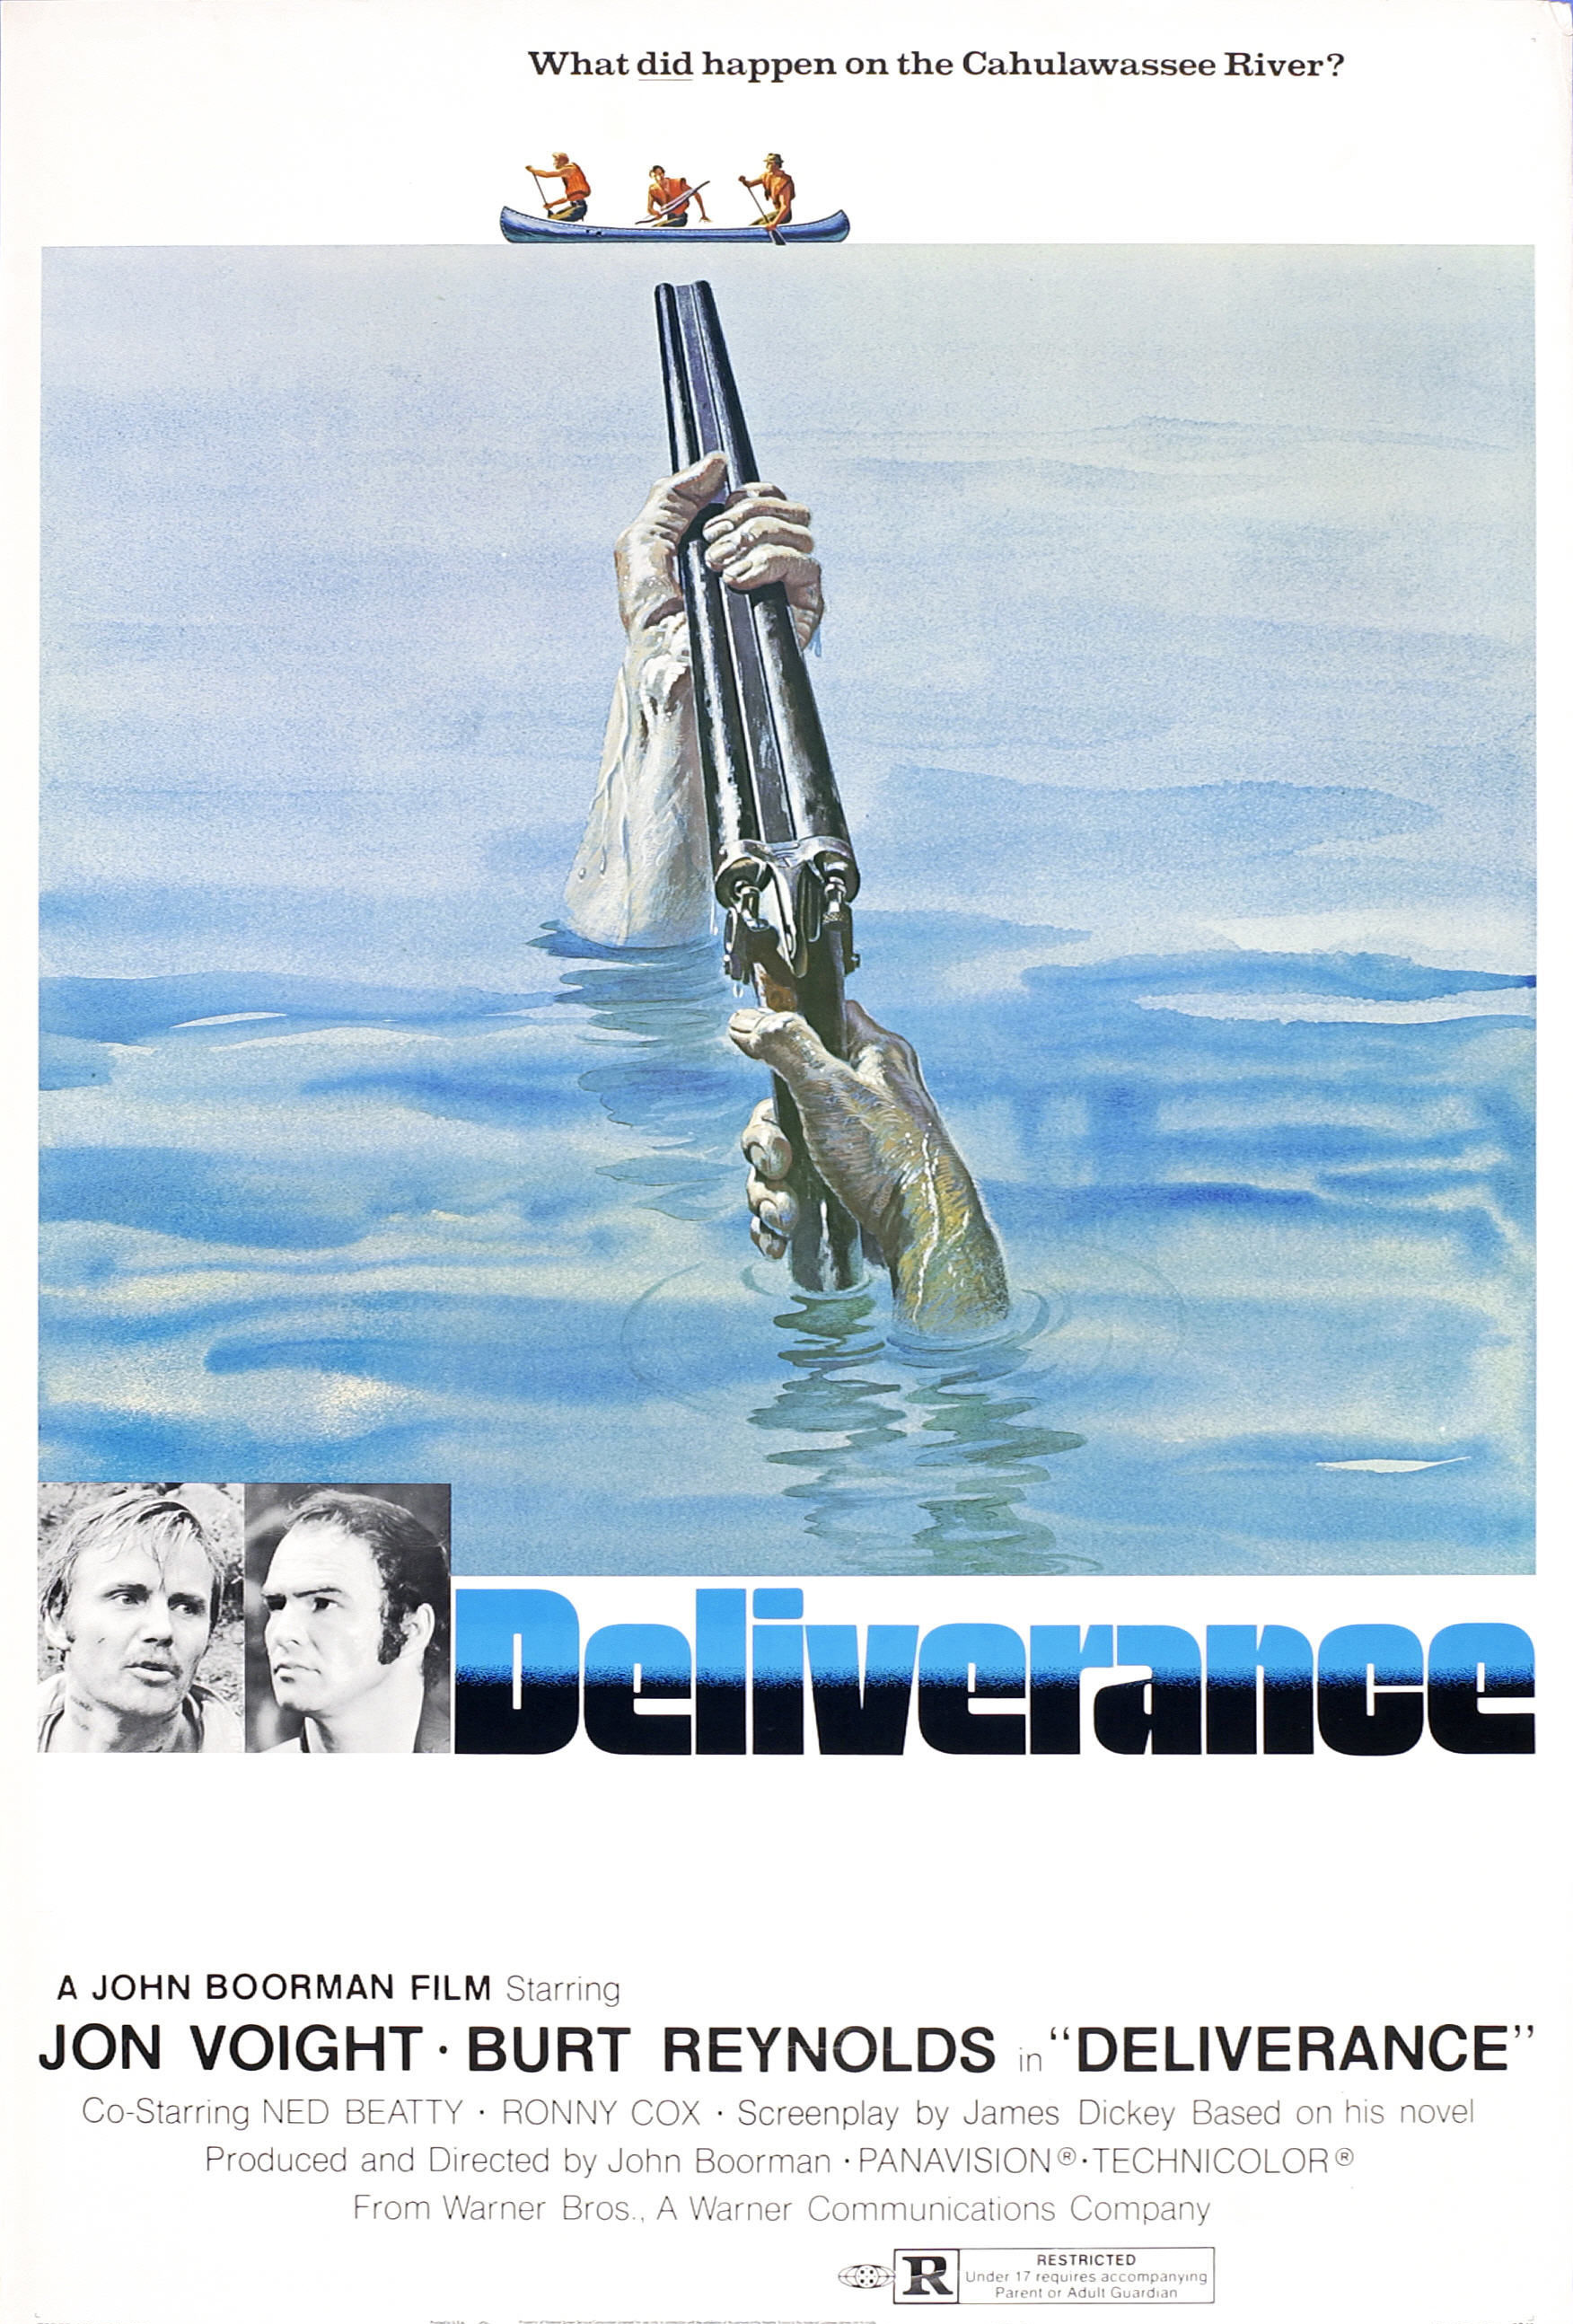 1972 TÉLÉCHARGER DELIVRANCE